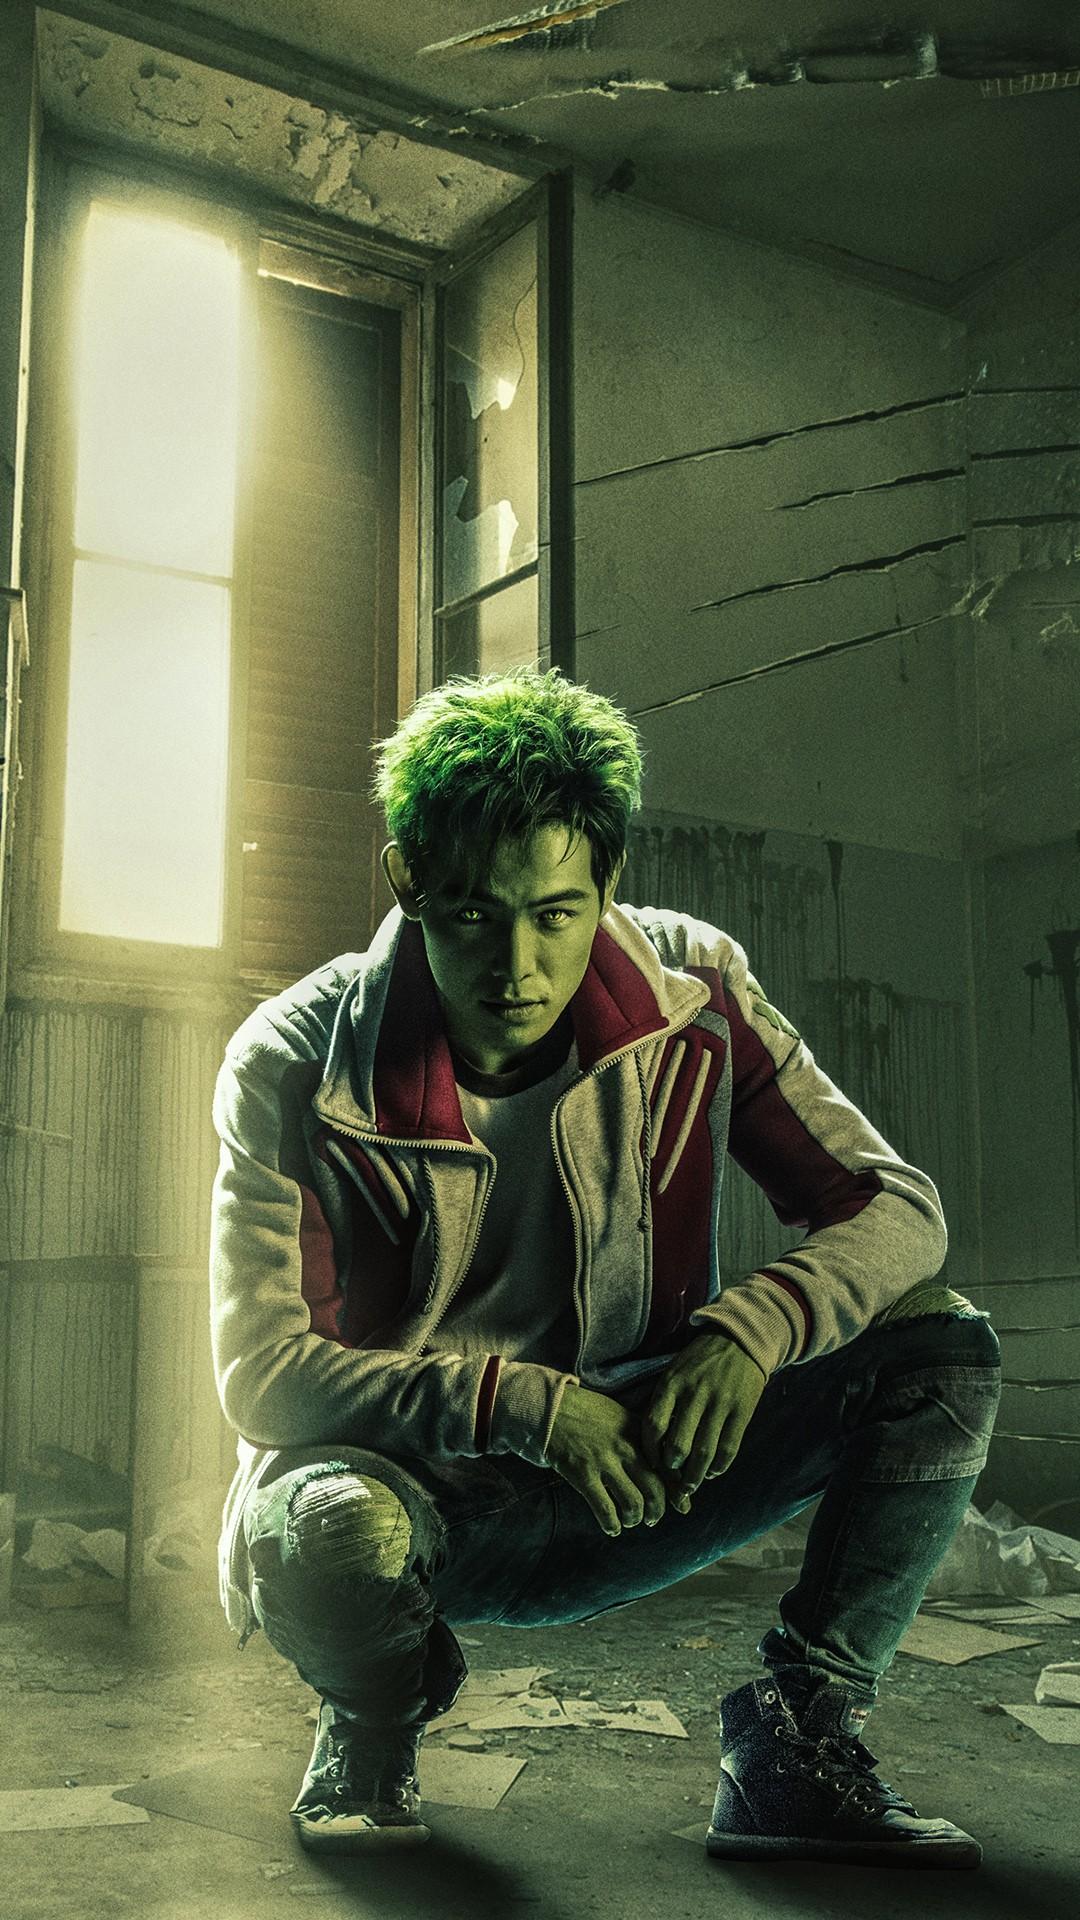 Joker Wallpaper Hd Download Beast Boy In Titans Tv Series 4k Wallpapers Hd